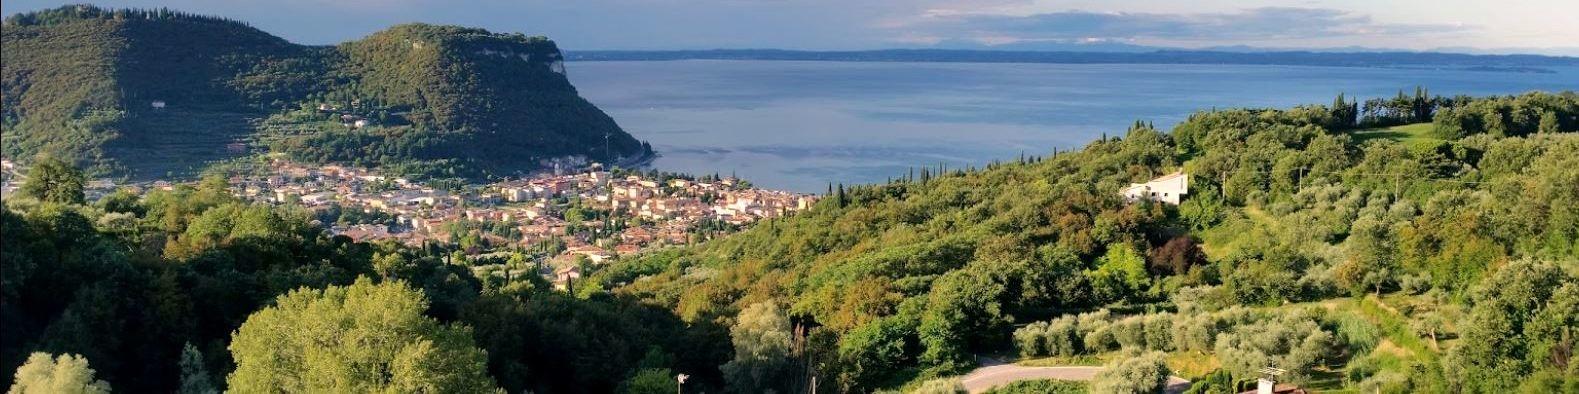 Pohled z lokality Marciaga na město Garda a stejnojmenné jezero